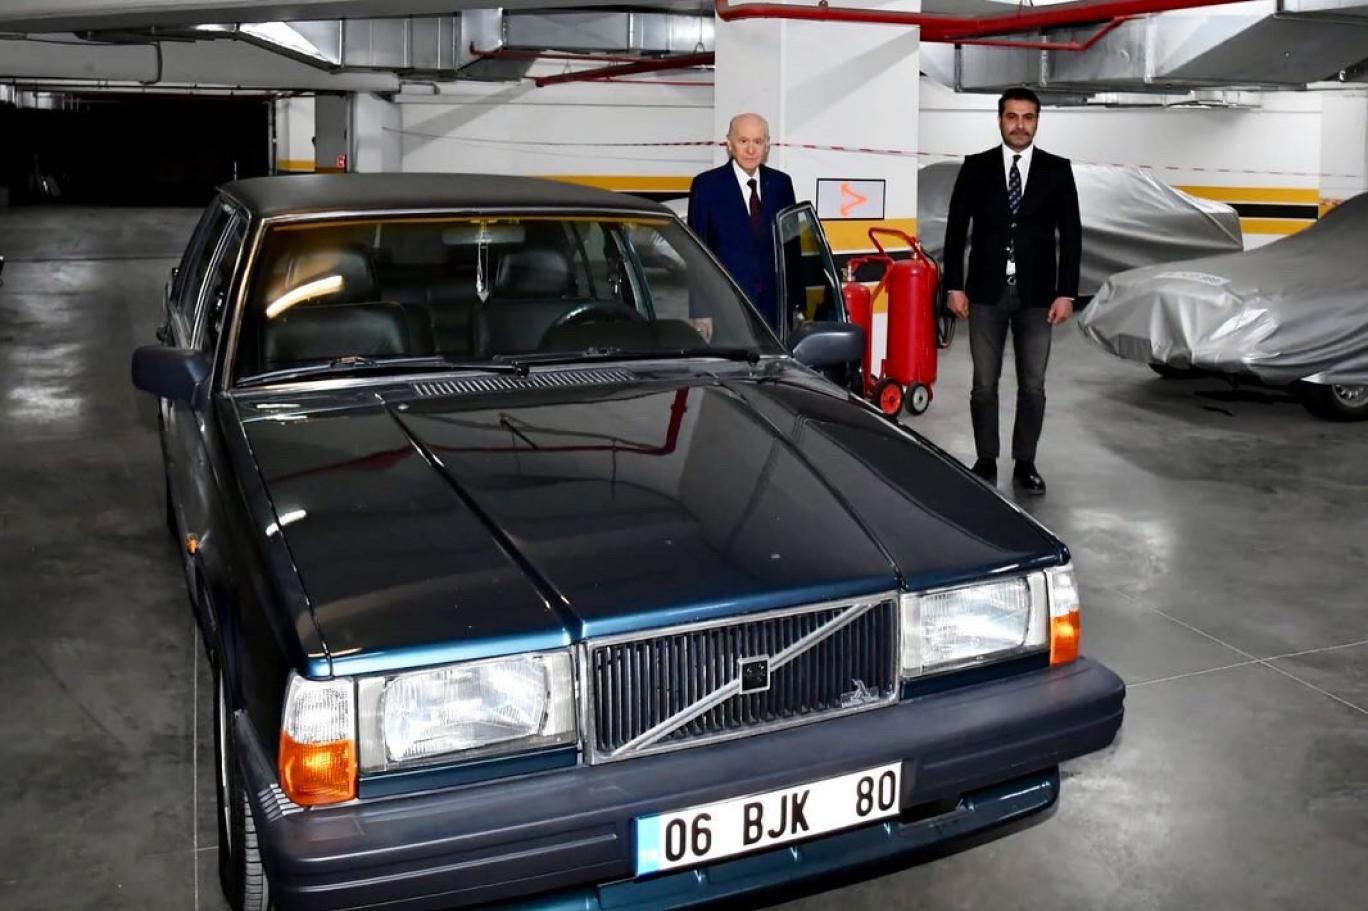 MHP lideri Bahçeli, 'BJK' plakalı aracını hediye etti